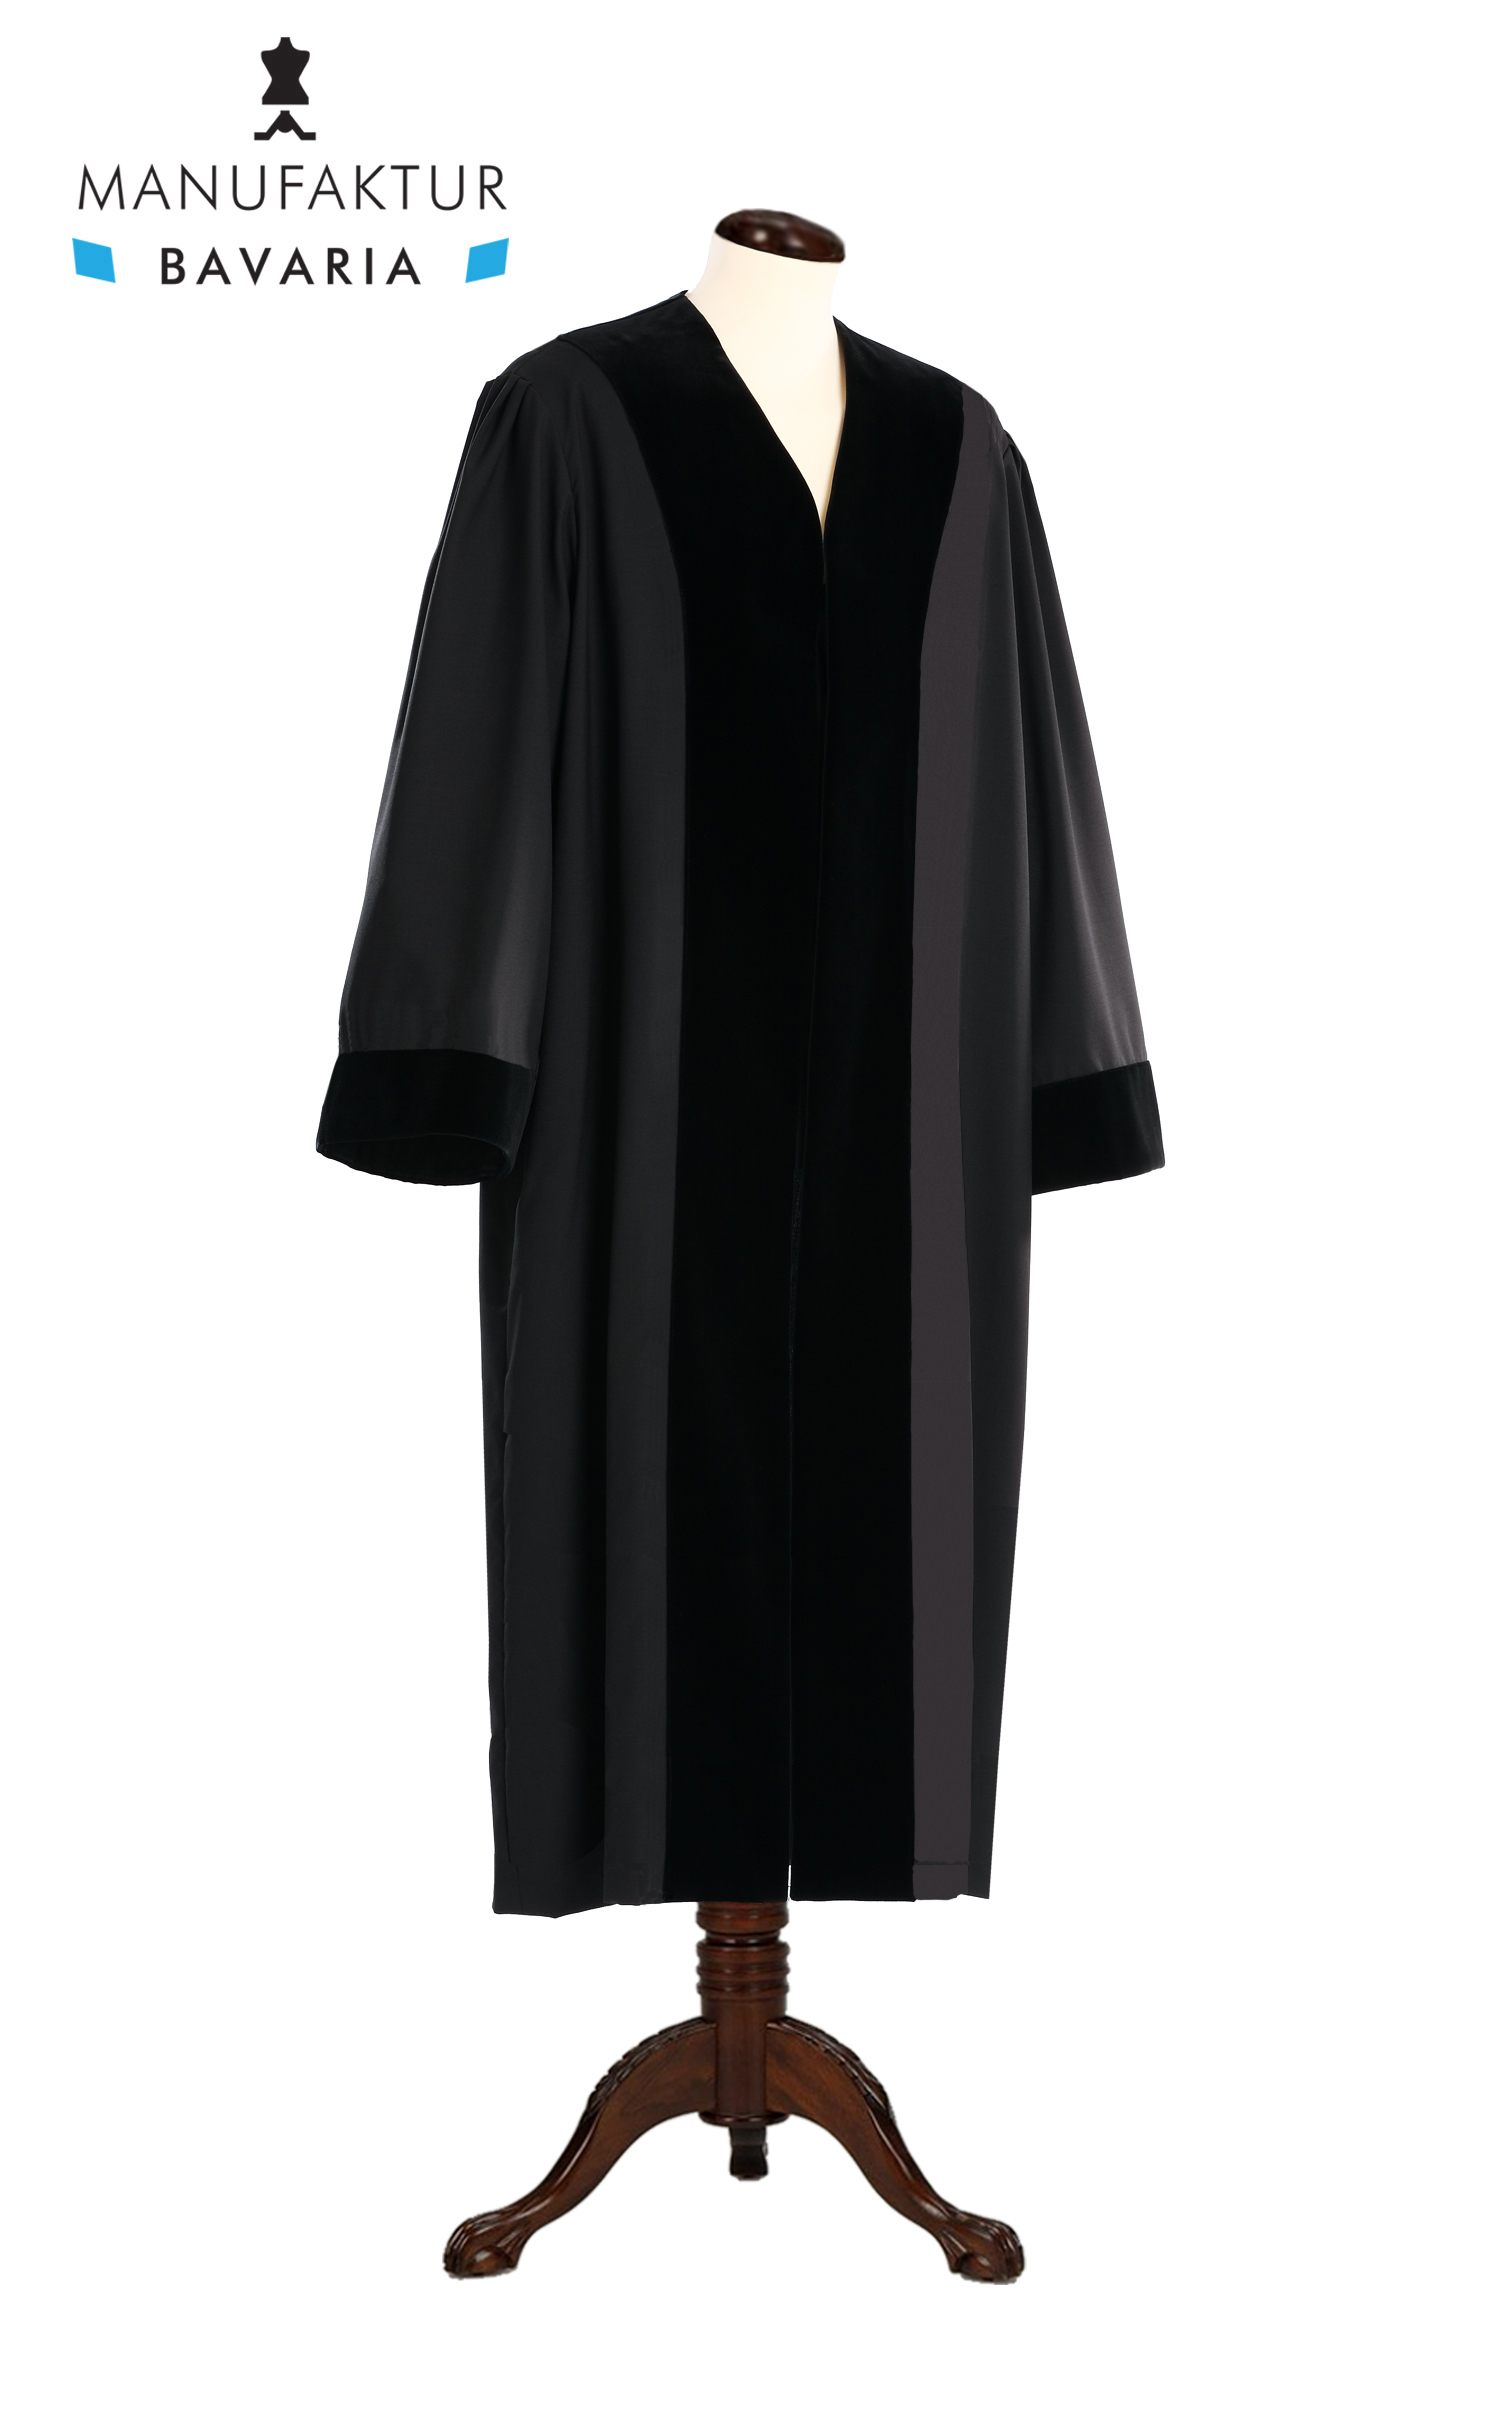 Amtsanwaltsrobe royal regalia